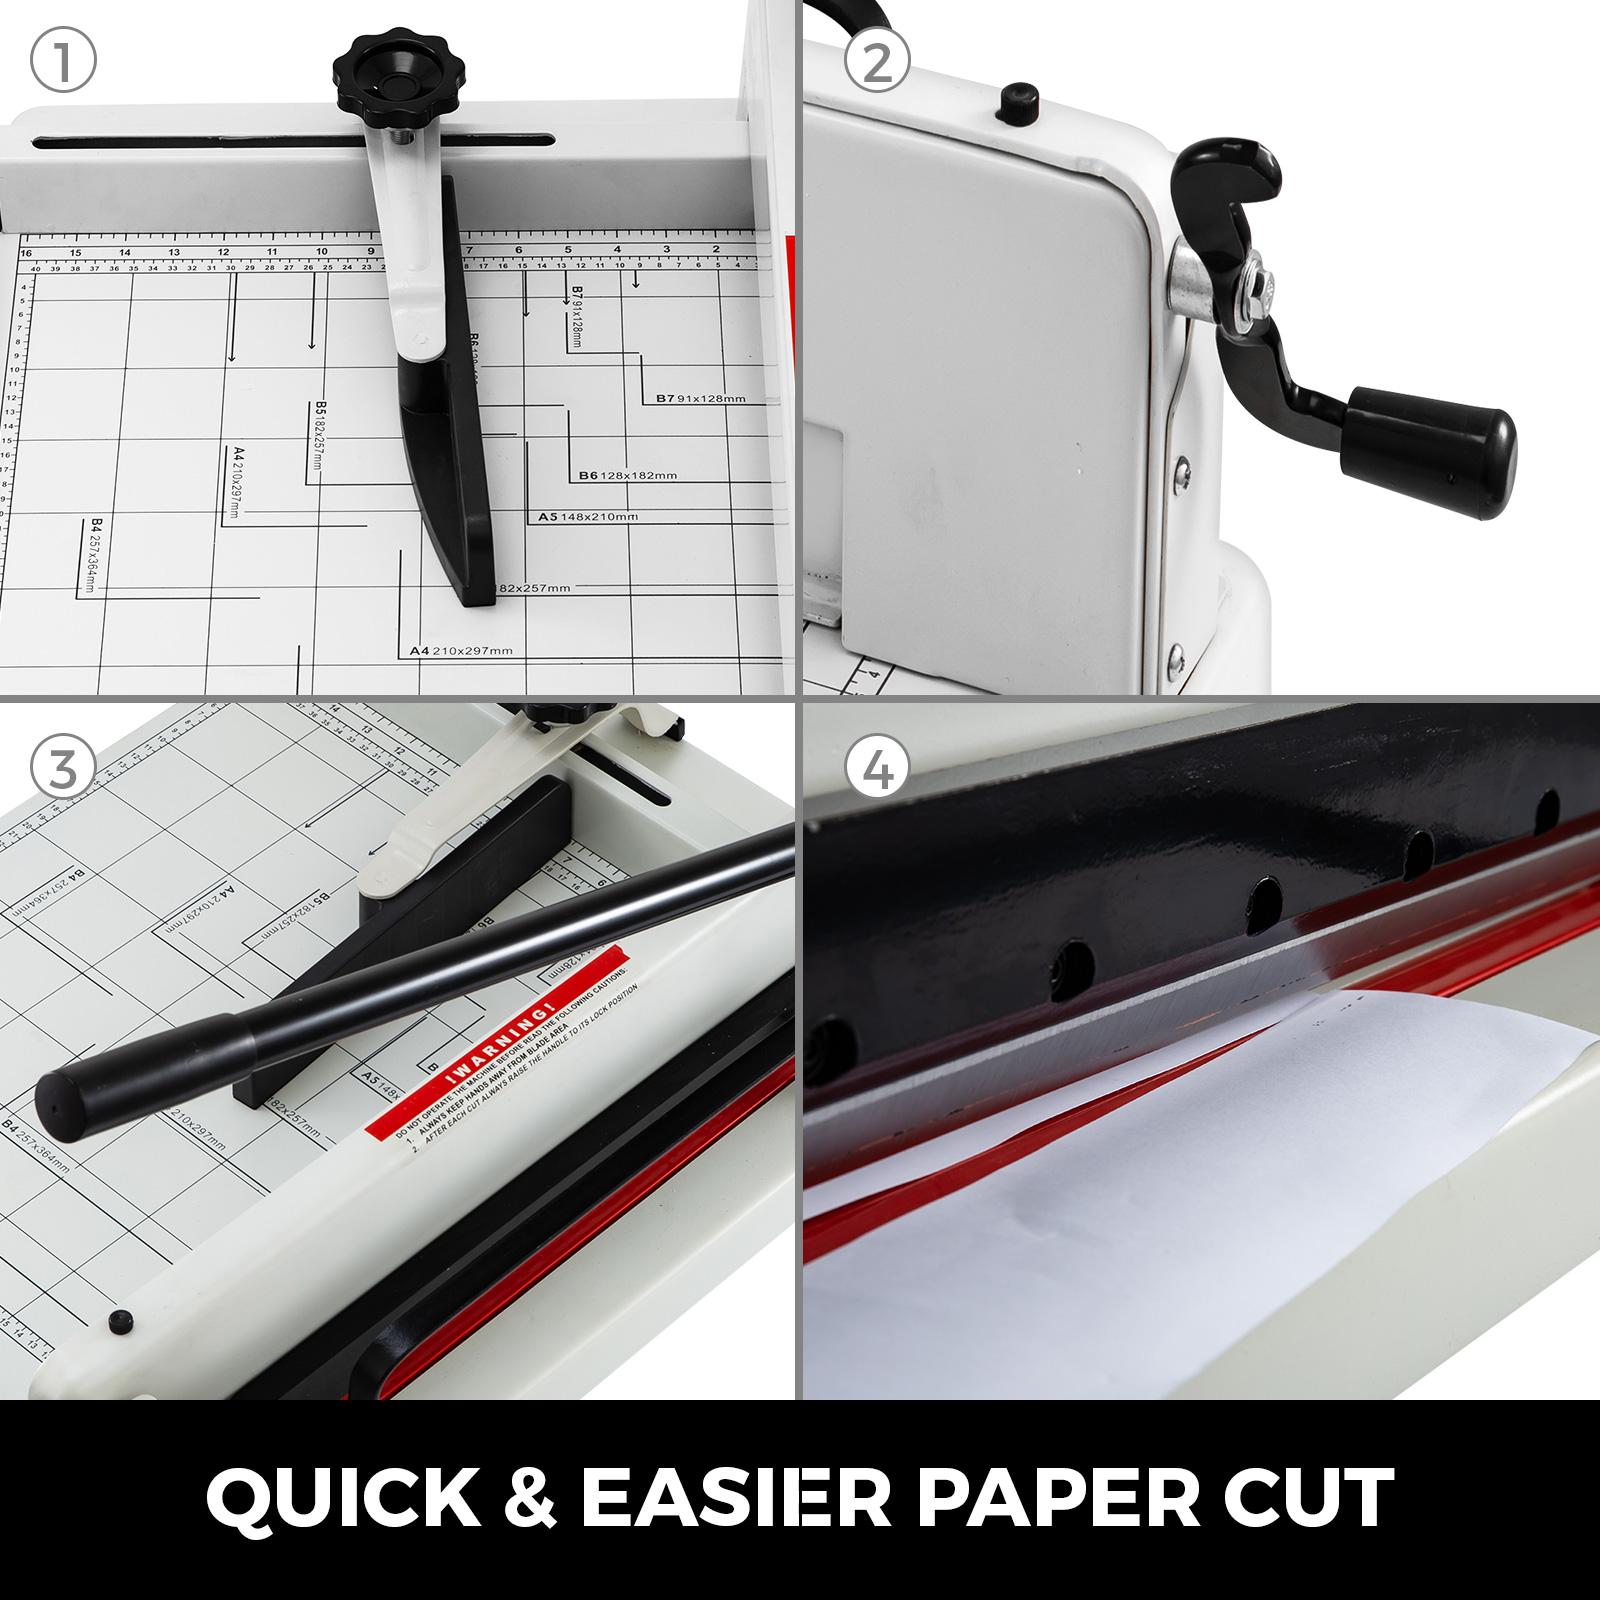 12IN 300 Feuilles A4 Robuste Usage Commercial Papier Coupe-Papier Guillotine Coupe-Papier De Base Pour Pile De Bureau Chrisun Massicot 30CM